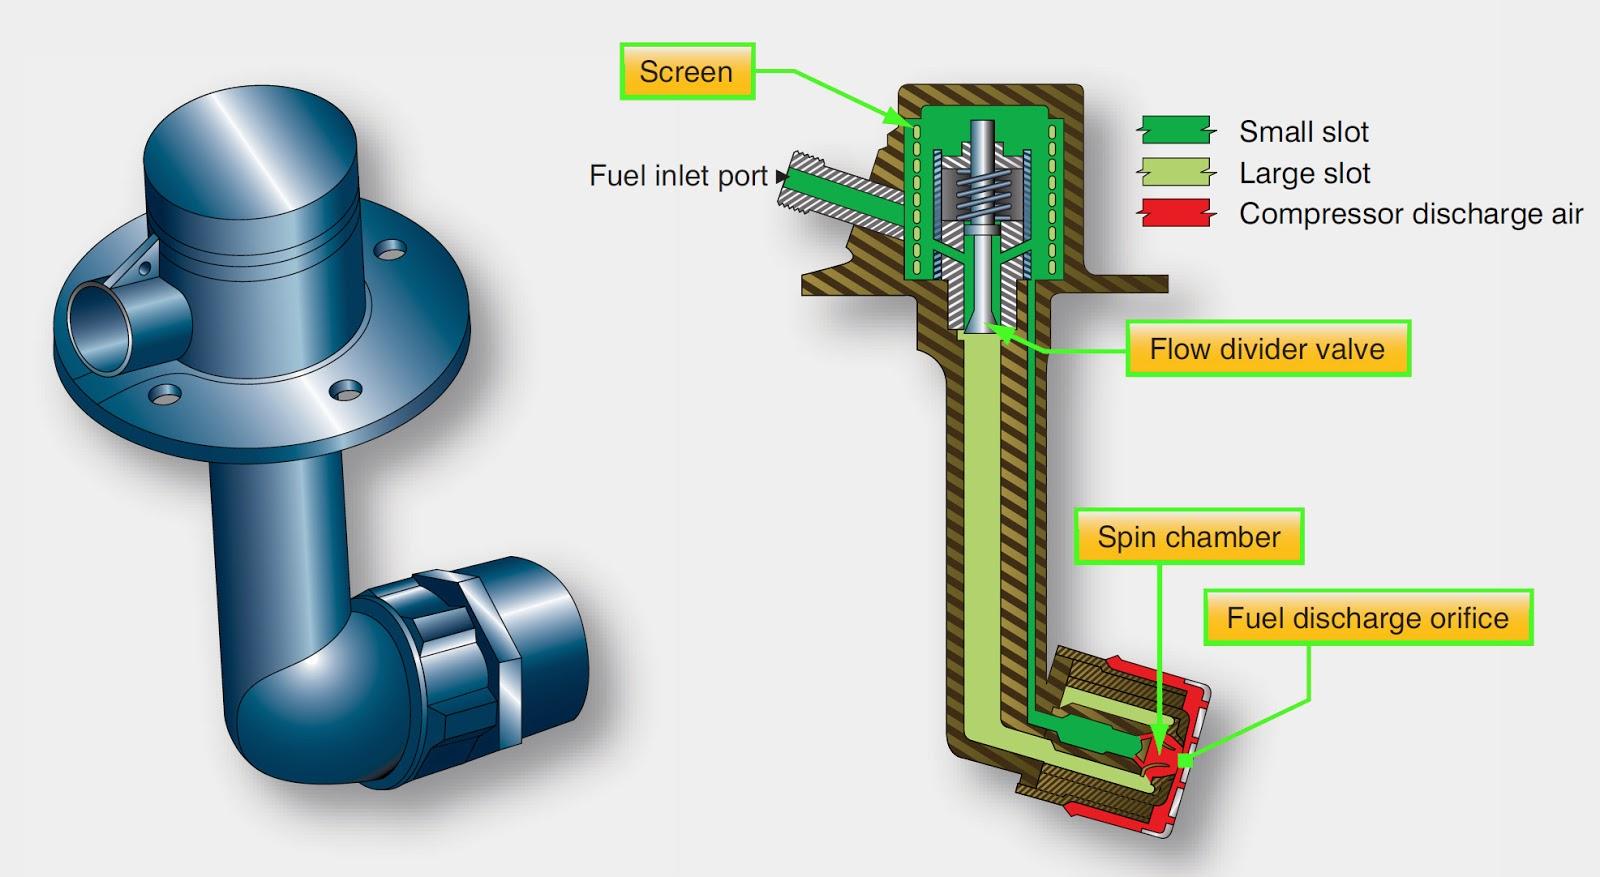 aeromotive fuel pump wiring diagram s10 fuel pump wiring diagram wiring diagram elsalvadorla maf iat sensor 1 8t  [ 1600 x 877 Pixel ]